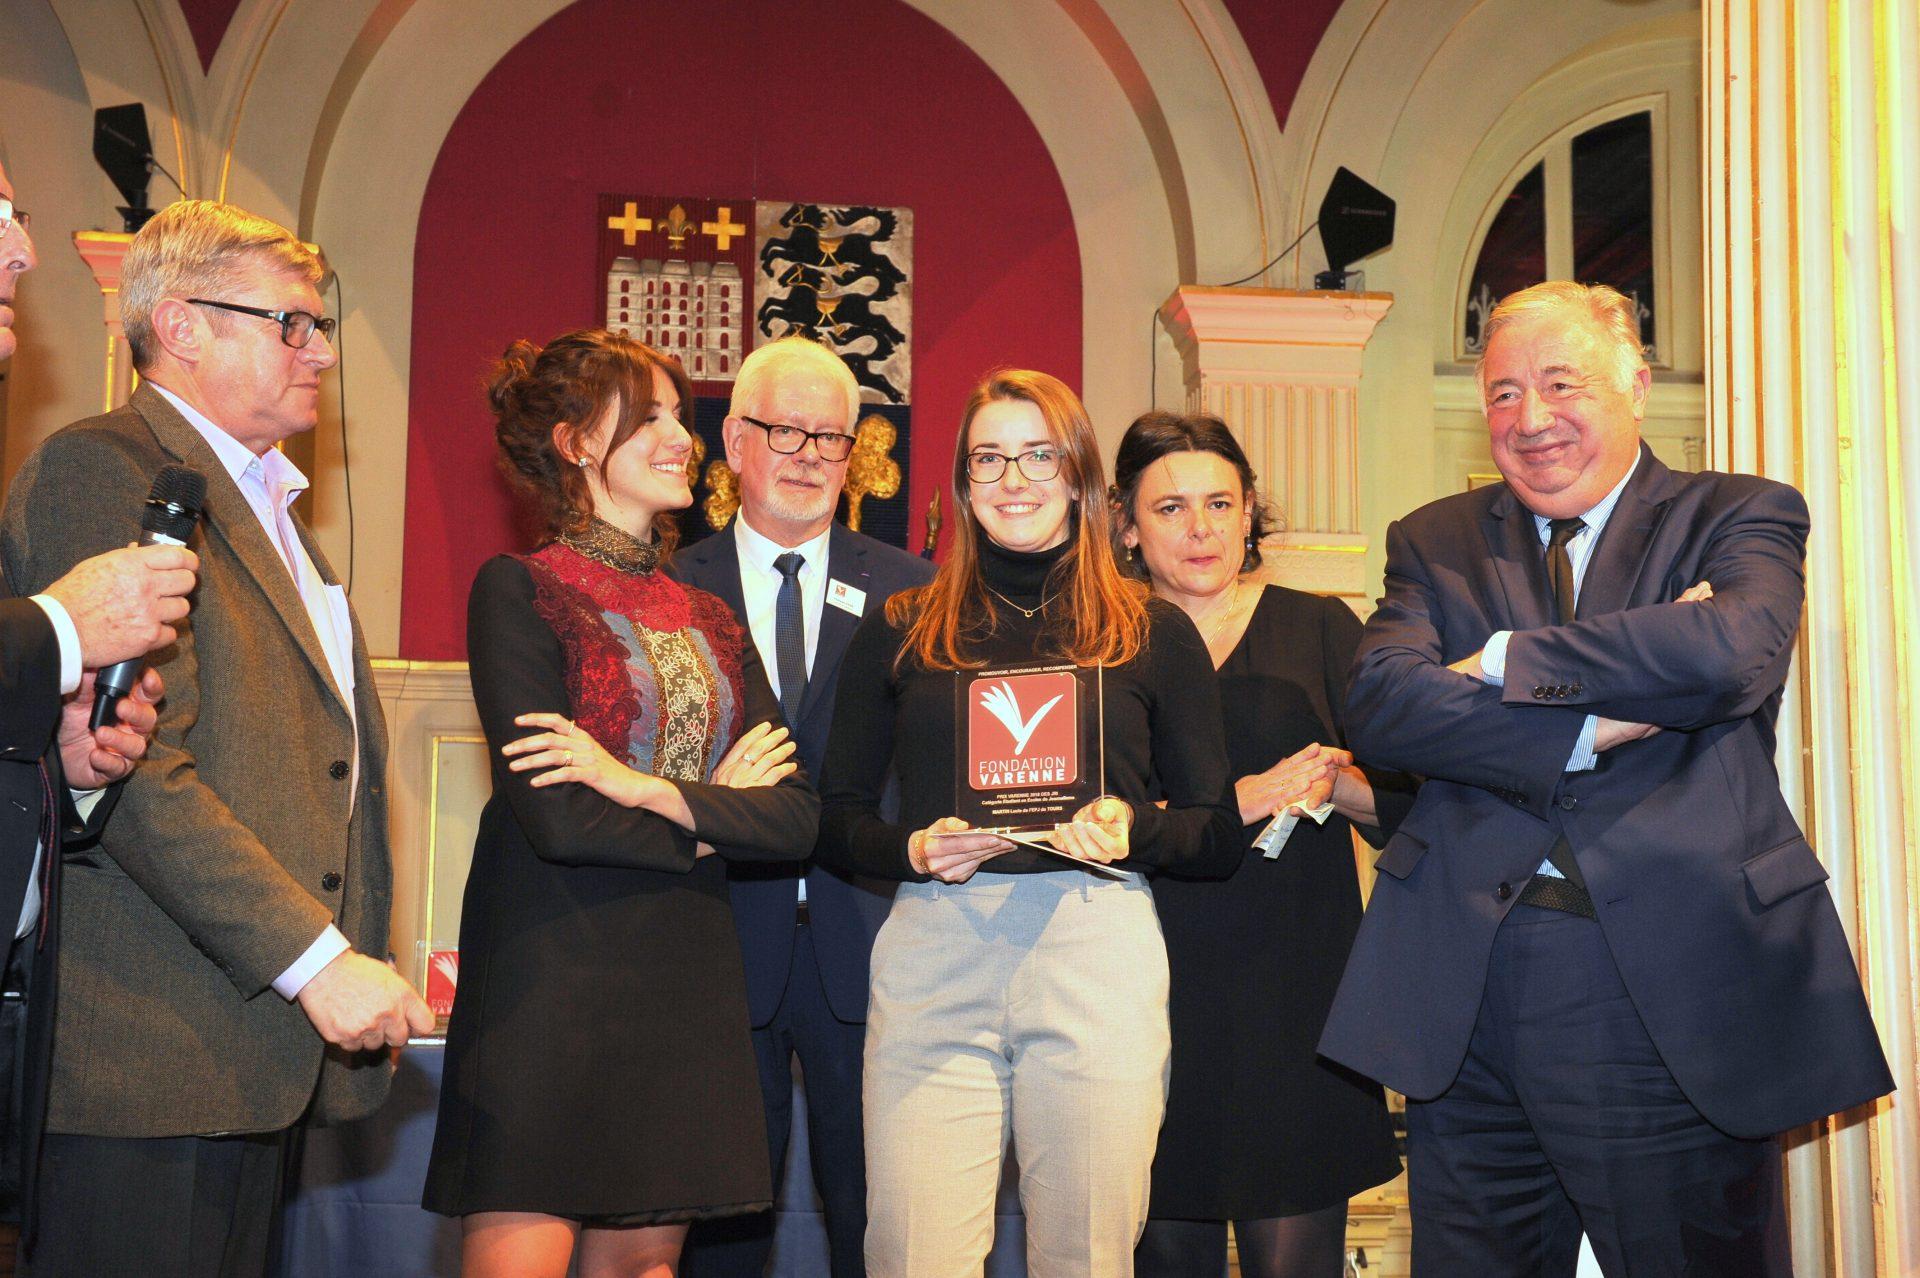 Prix École de journalisme JRI à Lucie MARTIN de l'Ecole publique de Journalisme de Tours.